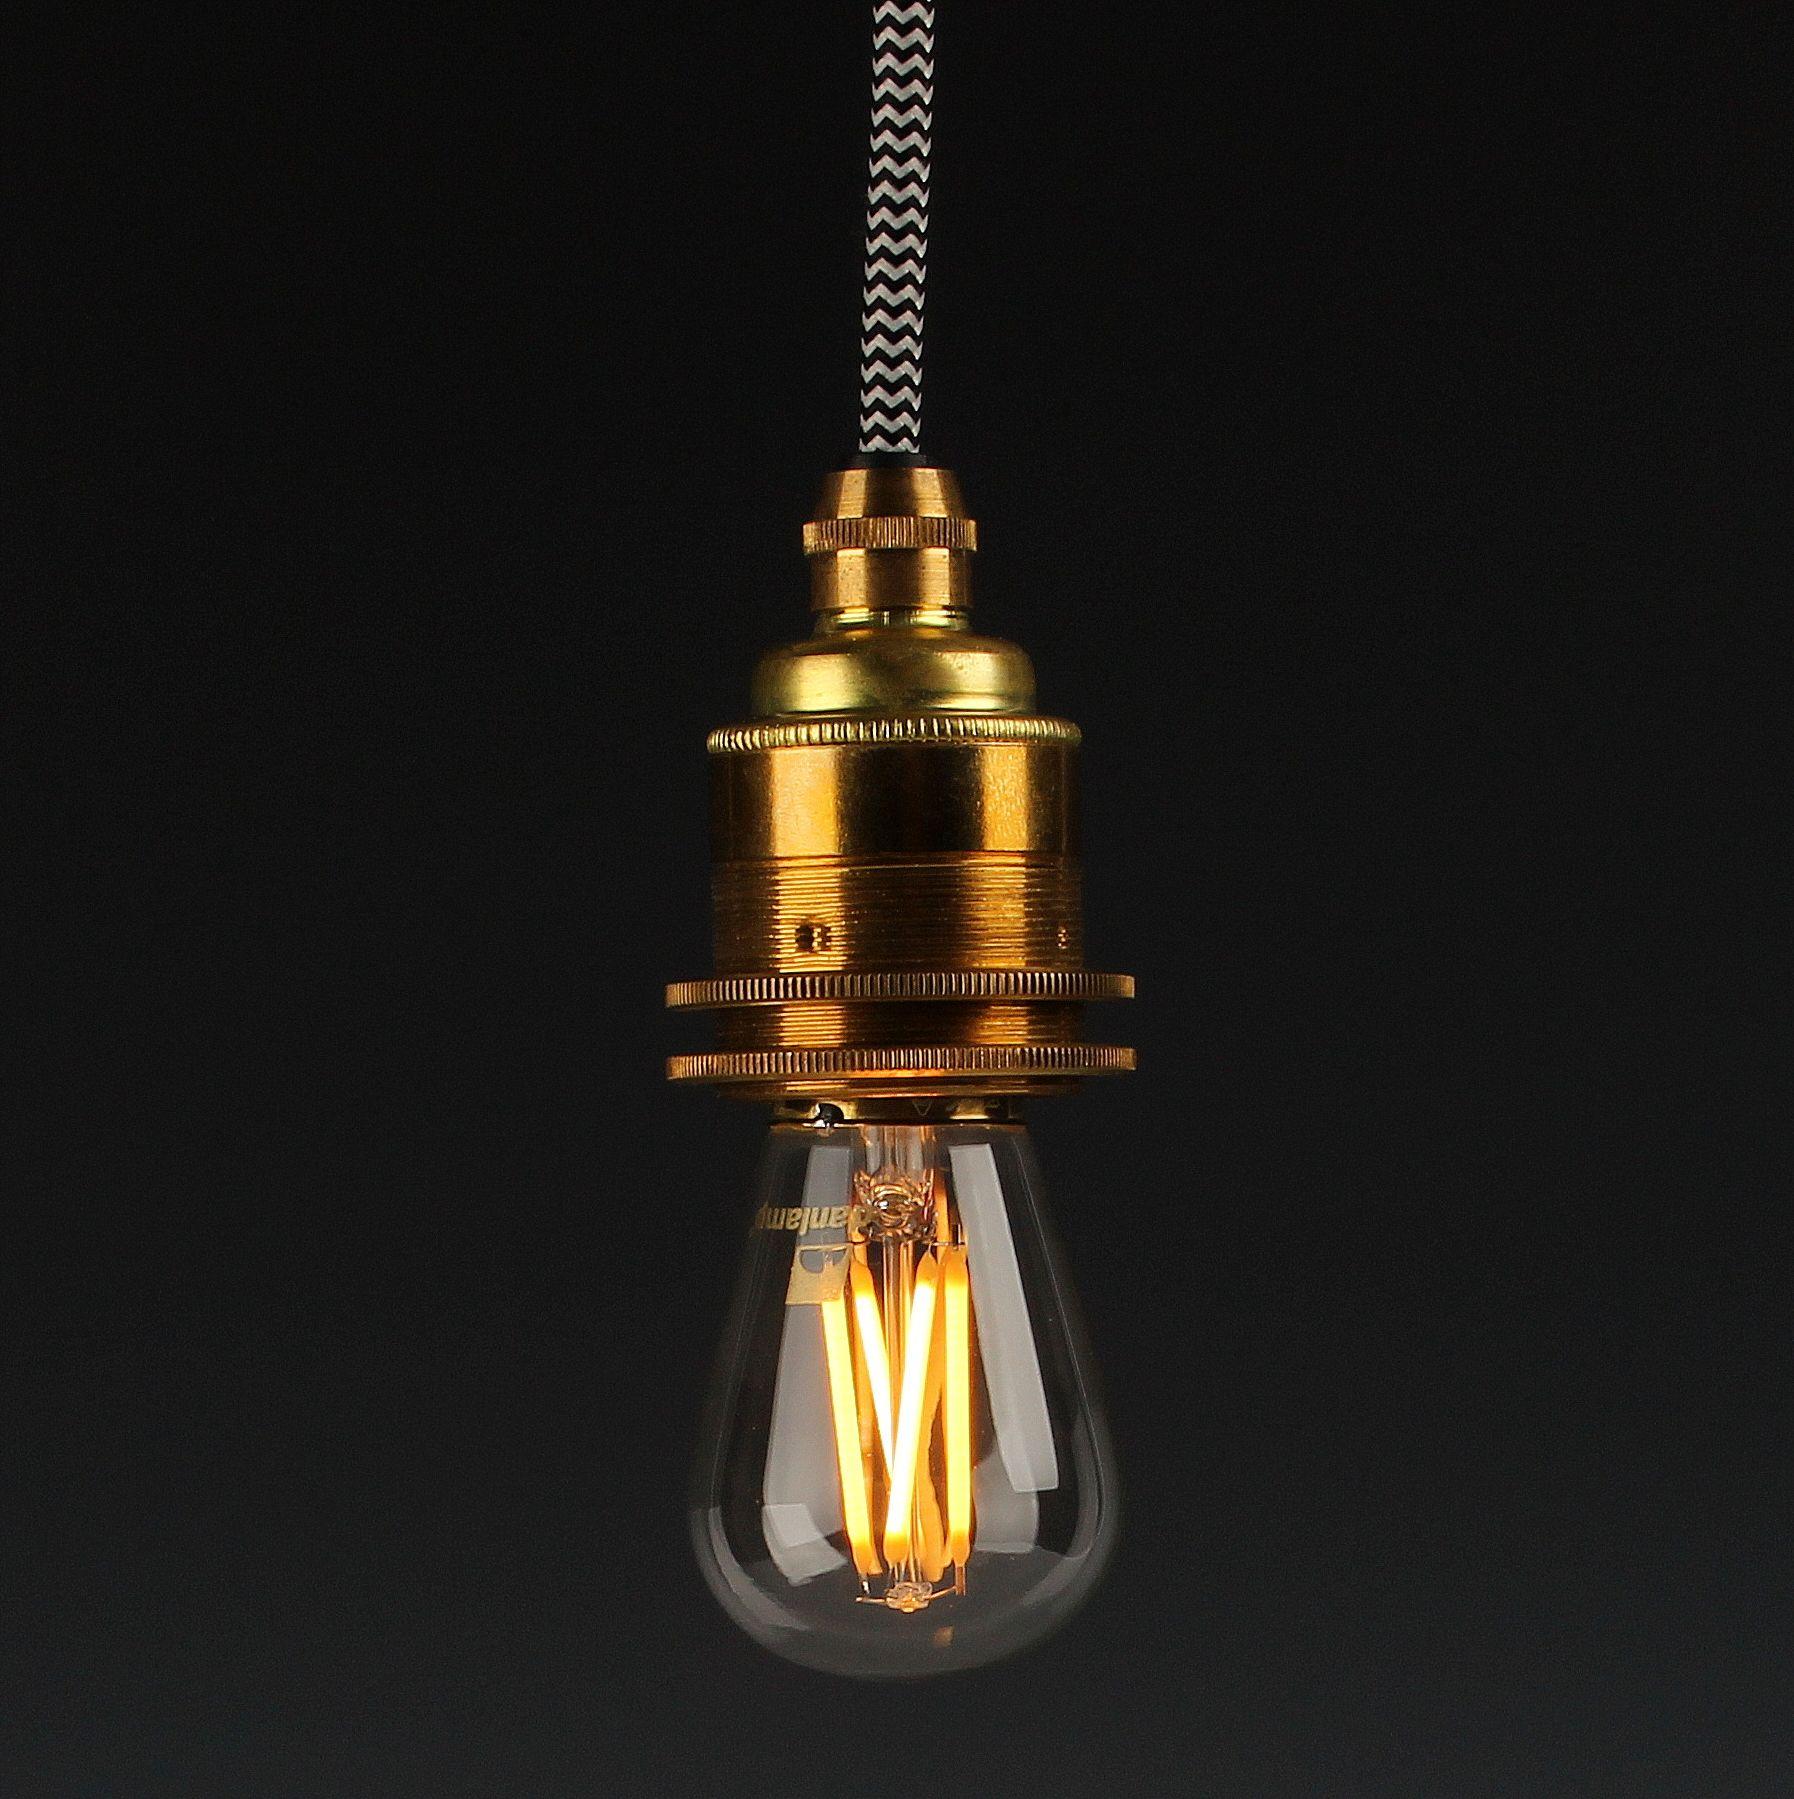 Danlamp E27 Vintage Deko Led Mini Edison Lampe 240v 2 5w Lampen Kaufen Lampen Led Leuchtmittel